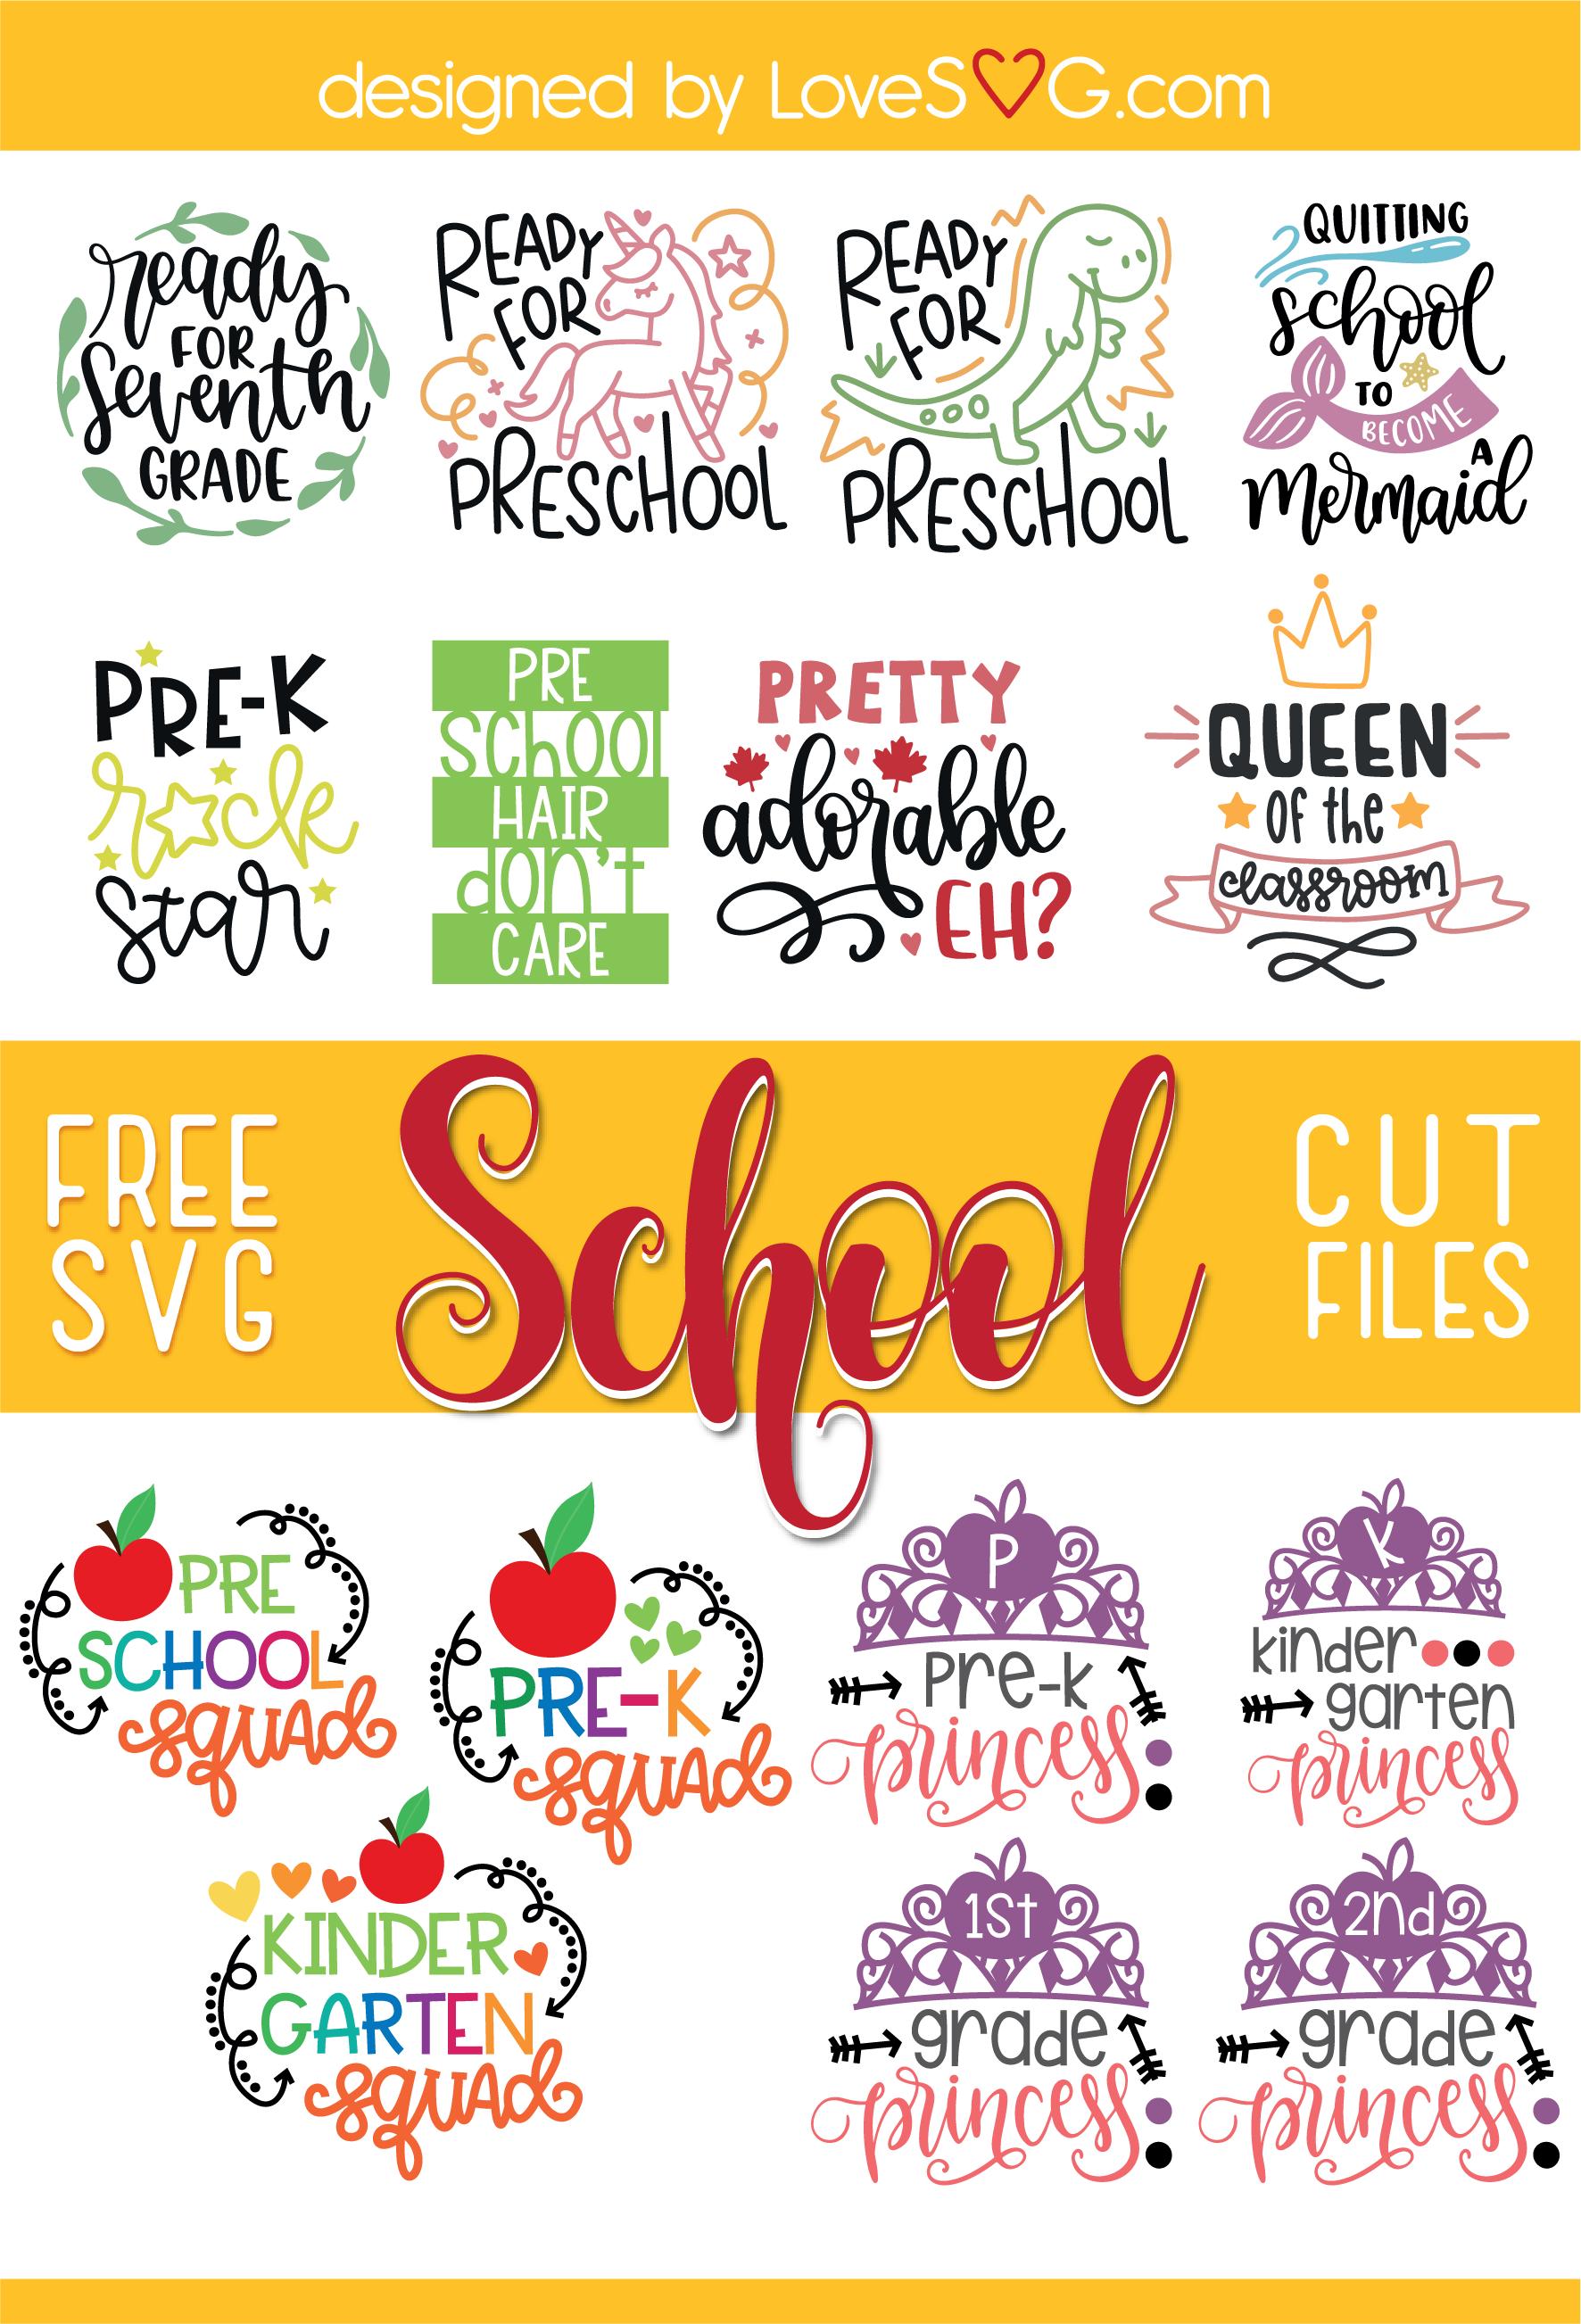 Free School SVG Cut Files  | LoveSVG.com